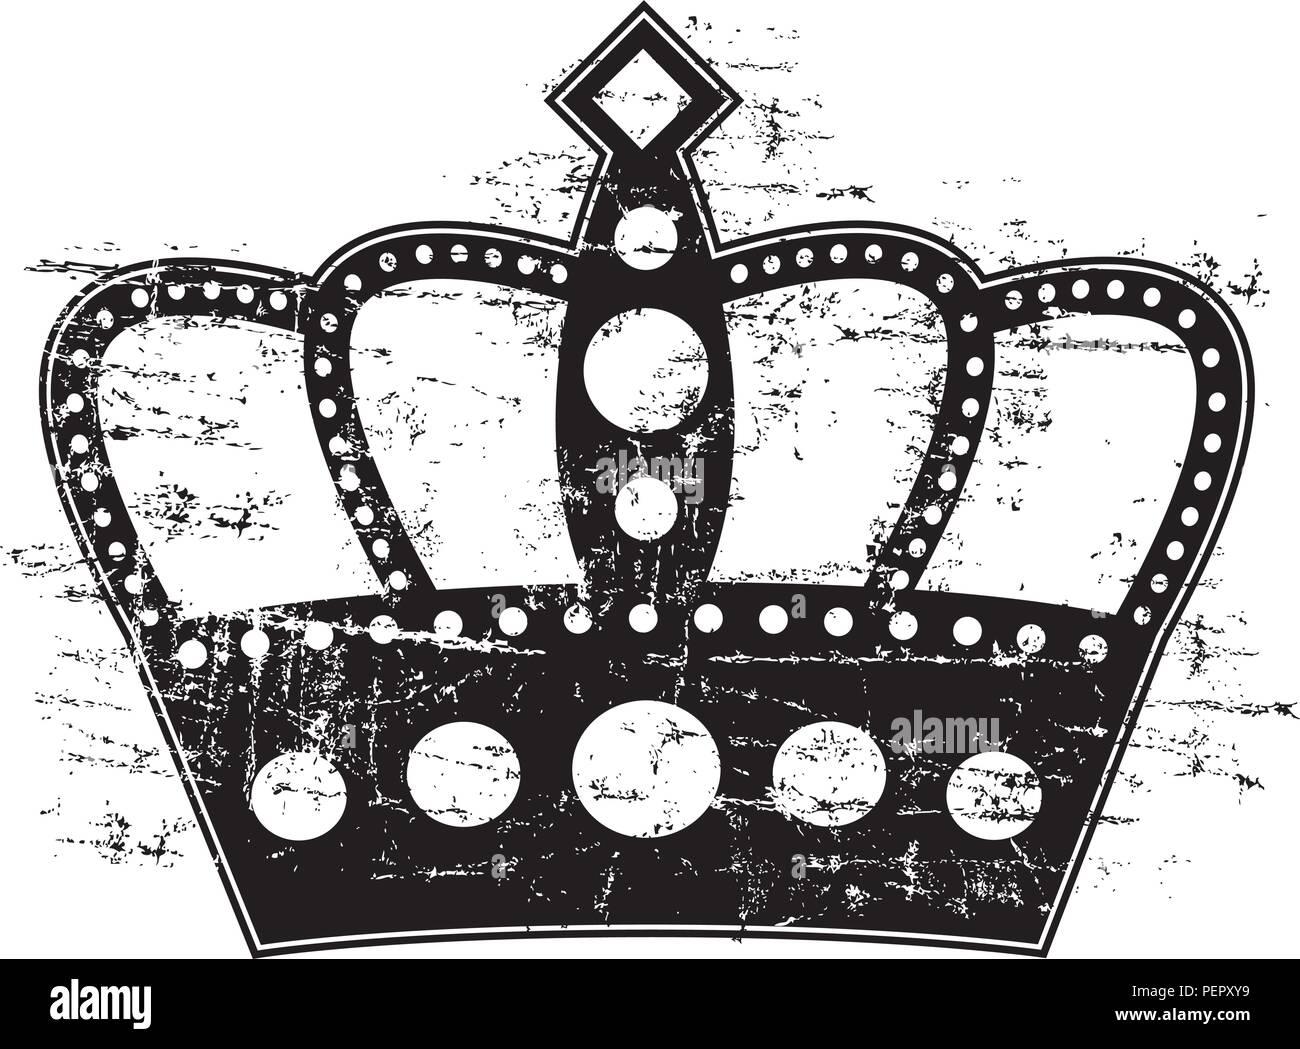 Gravure sur bois d'un style. Une couronne avec une gravure sur bois. Photo Stock